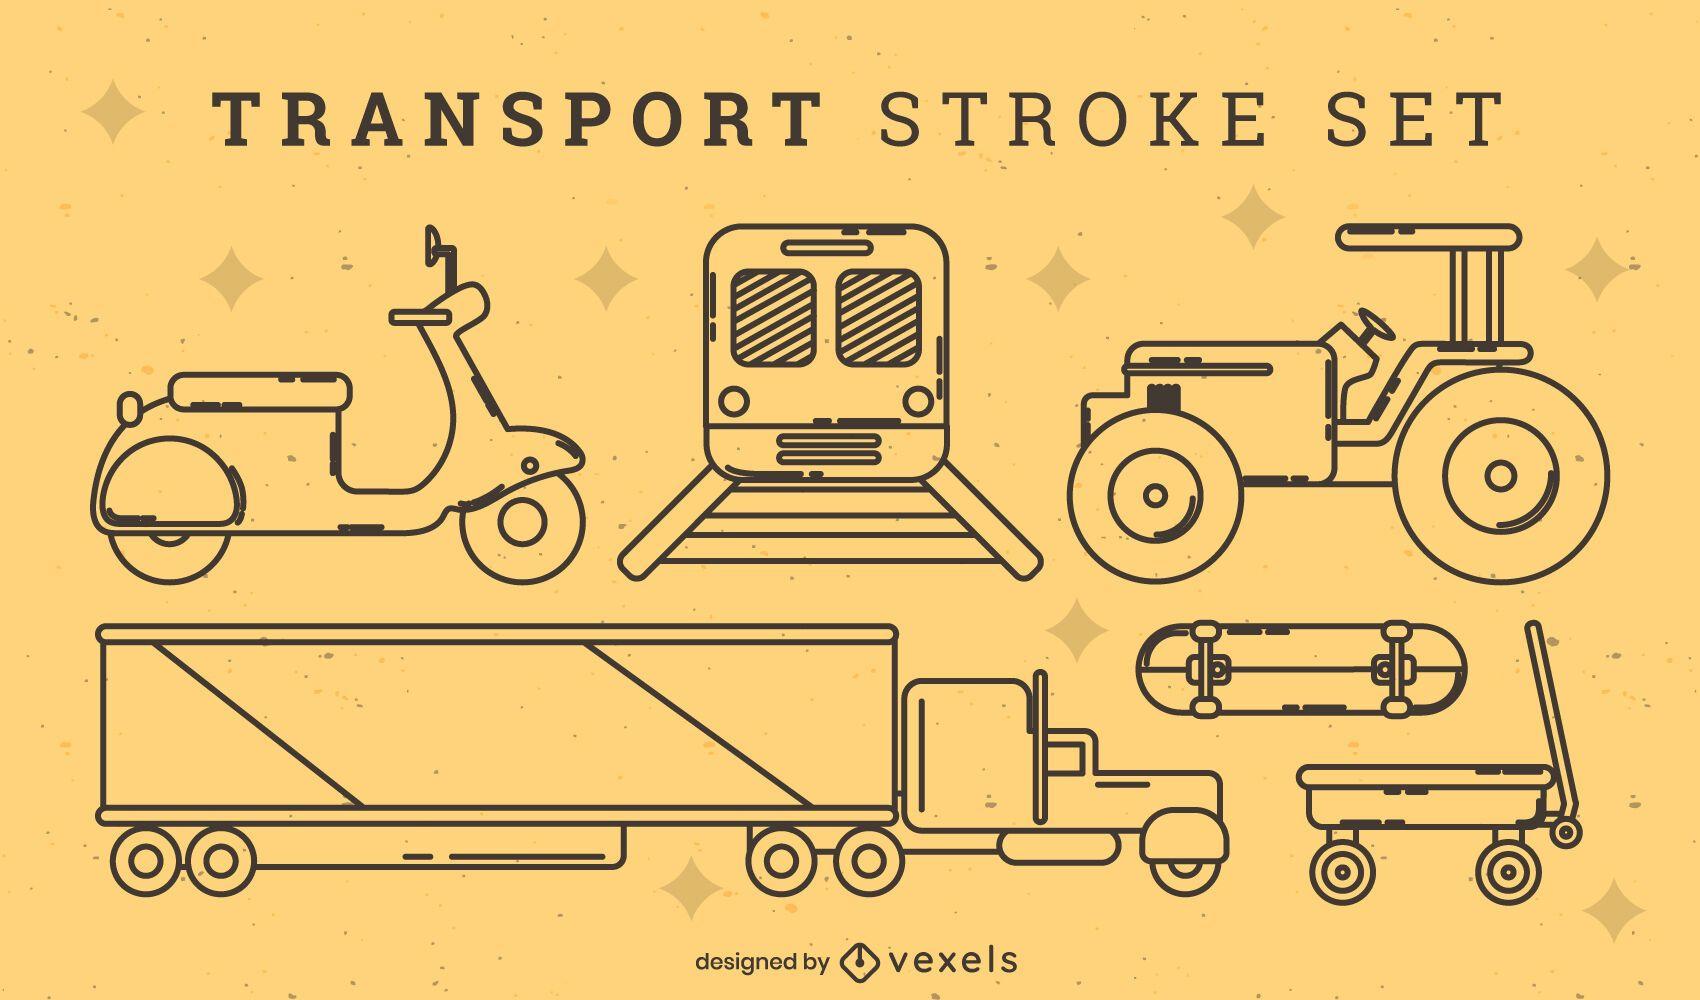 Stroke set of transport elements